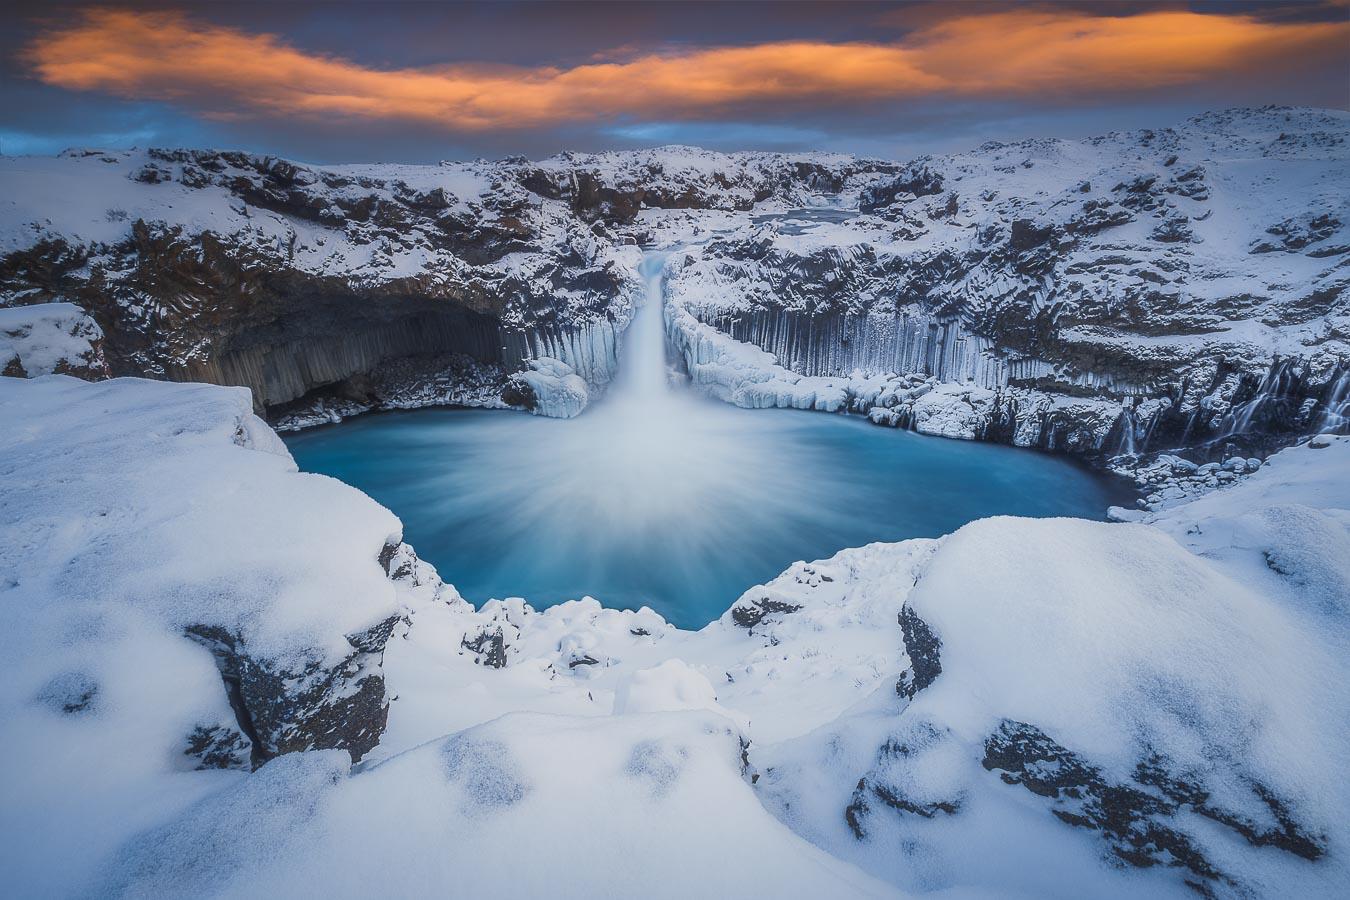 La cascade Aldeyjarfoss est difficile à atteindre, mais elle en vaut vraiment la peine car elle offre un spectacle naturel époustouflant.